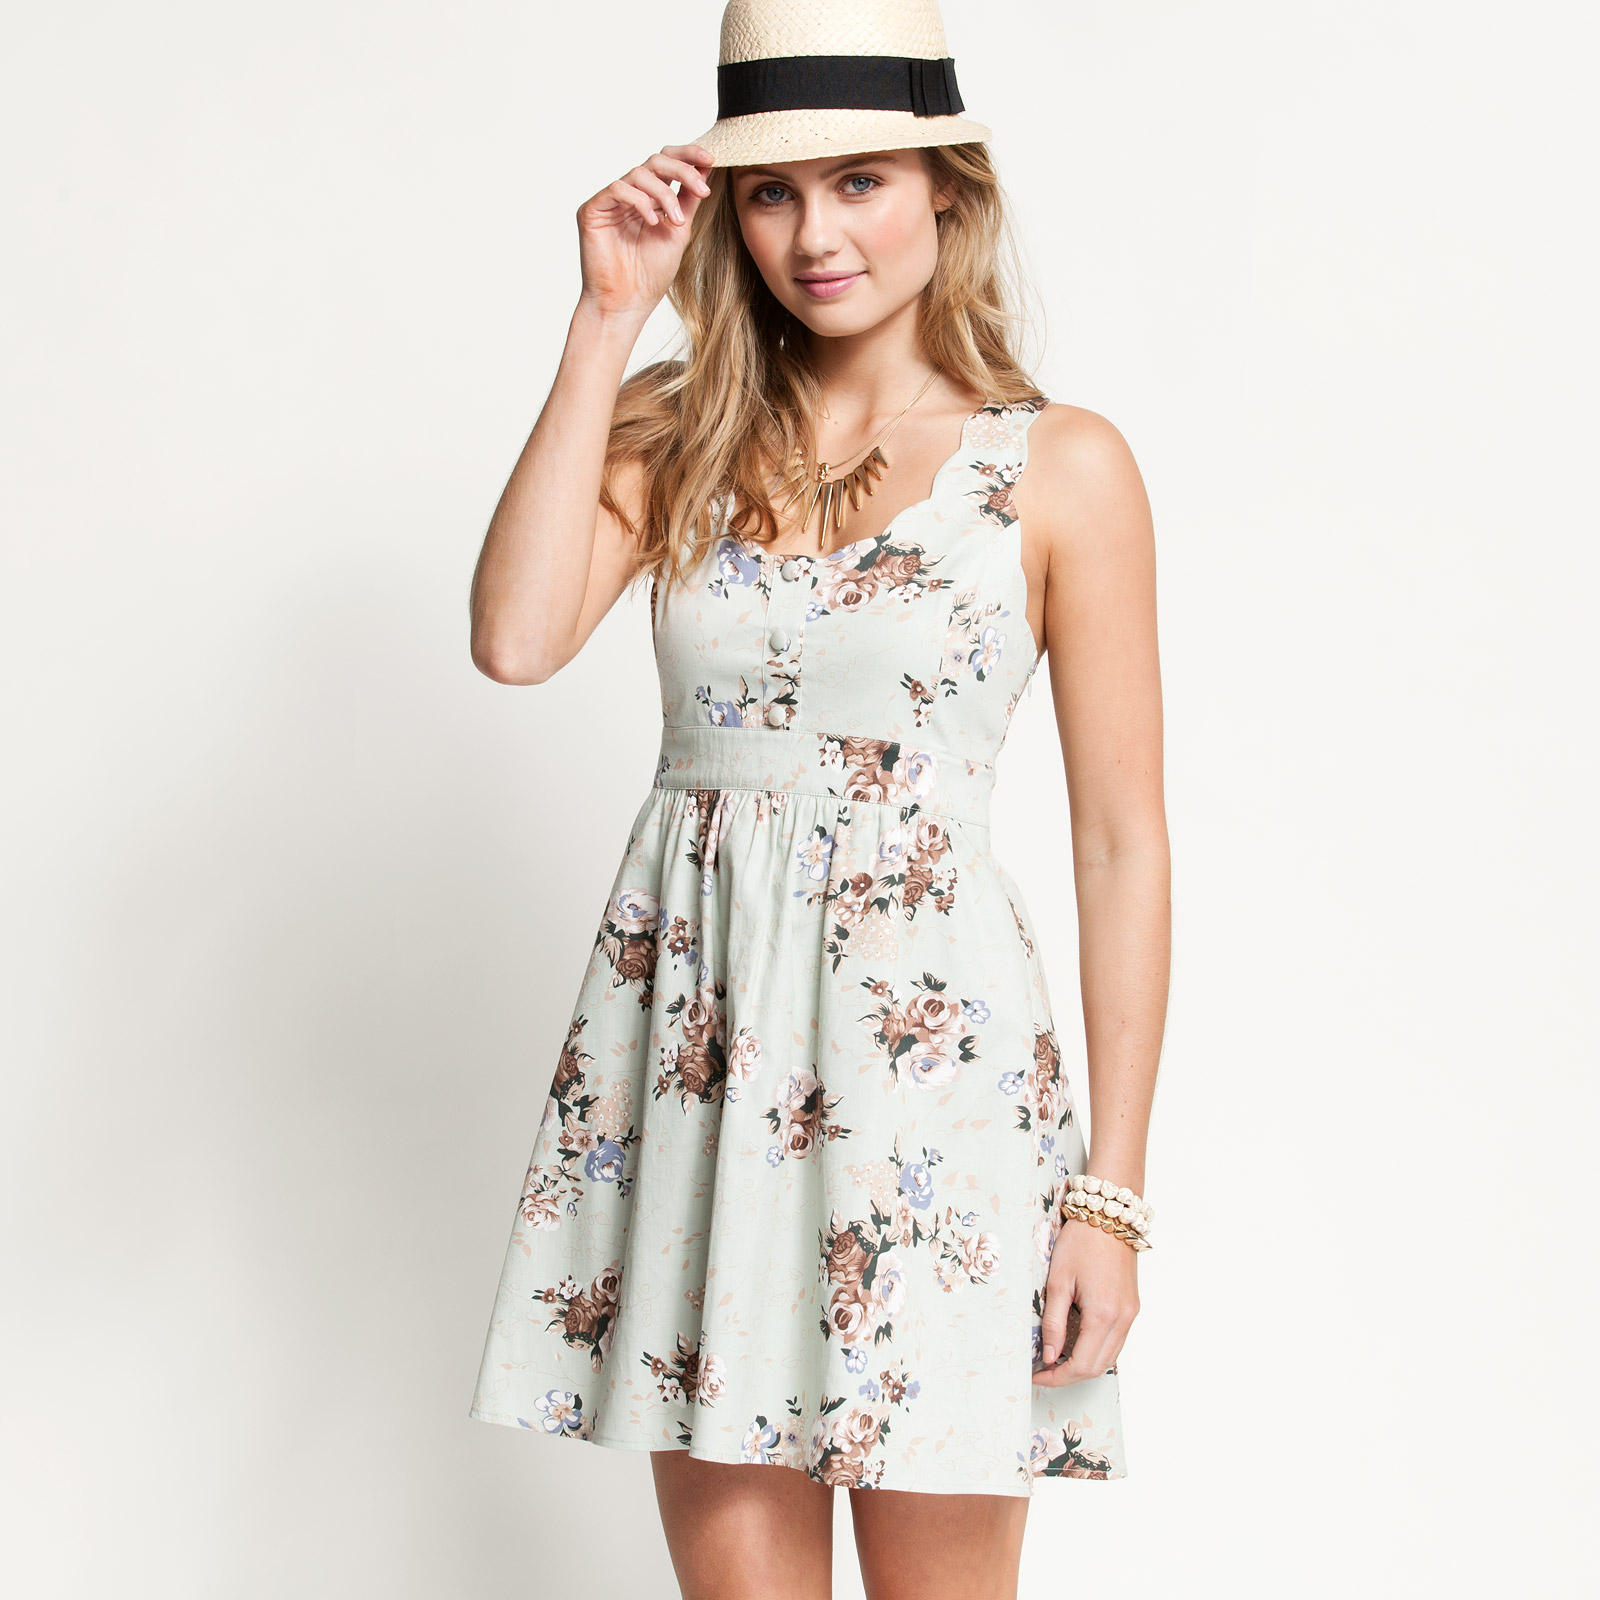 Floral Dresses for Summer